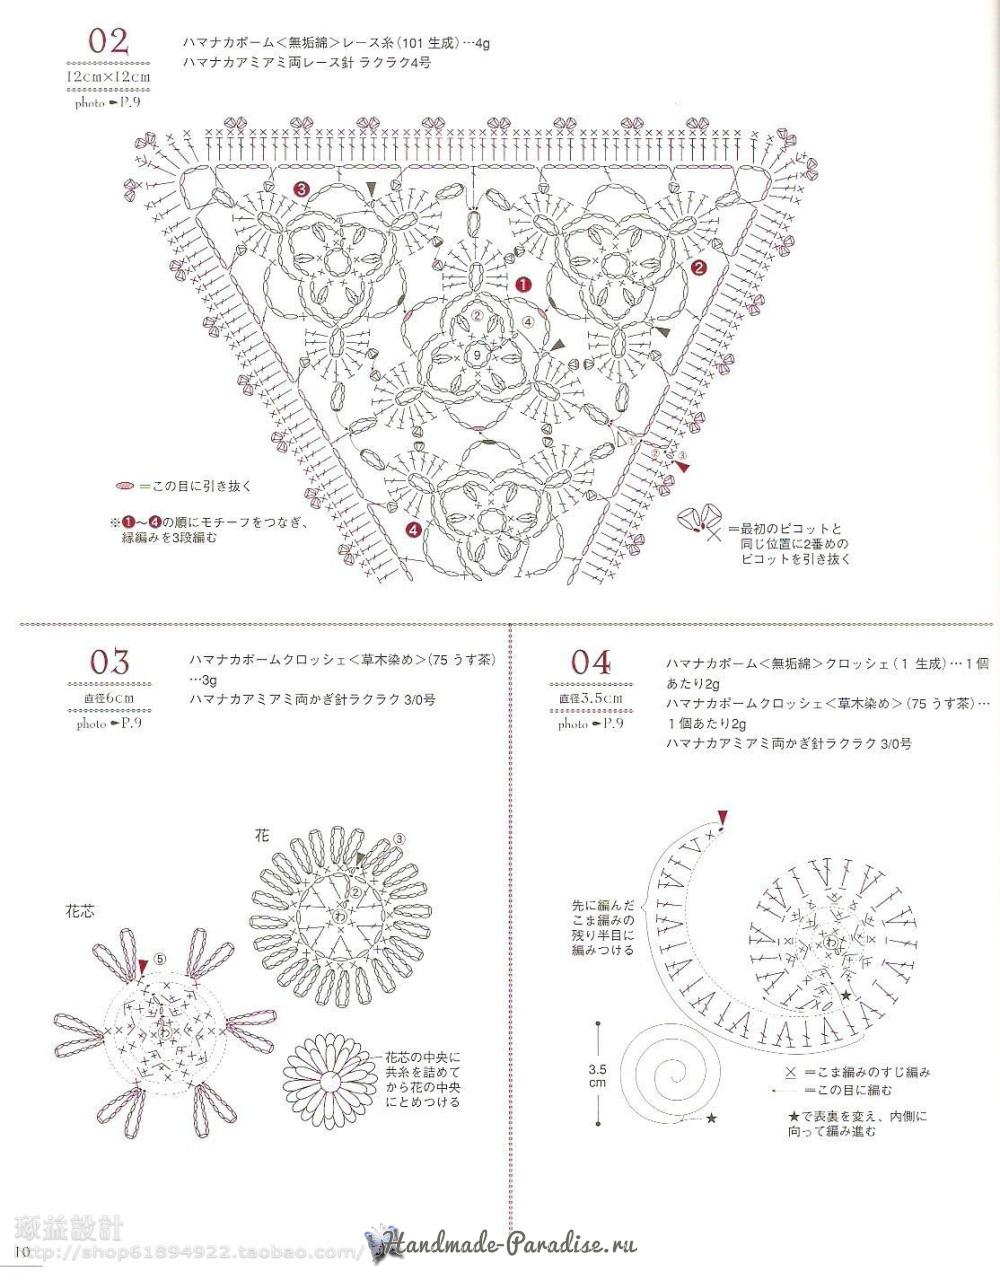 Вязание сумок из полиэтиленовой пряжи. Японский журнал (9)